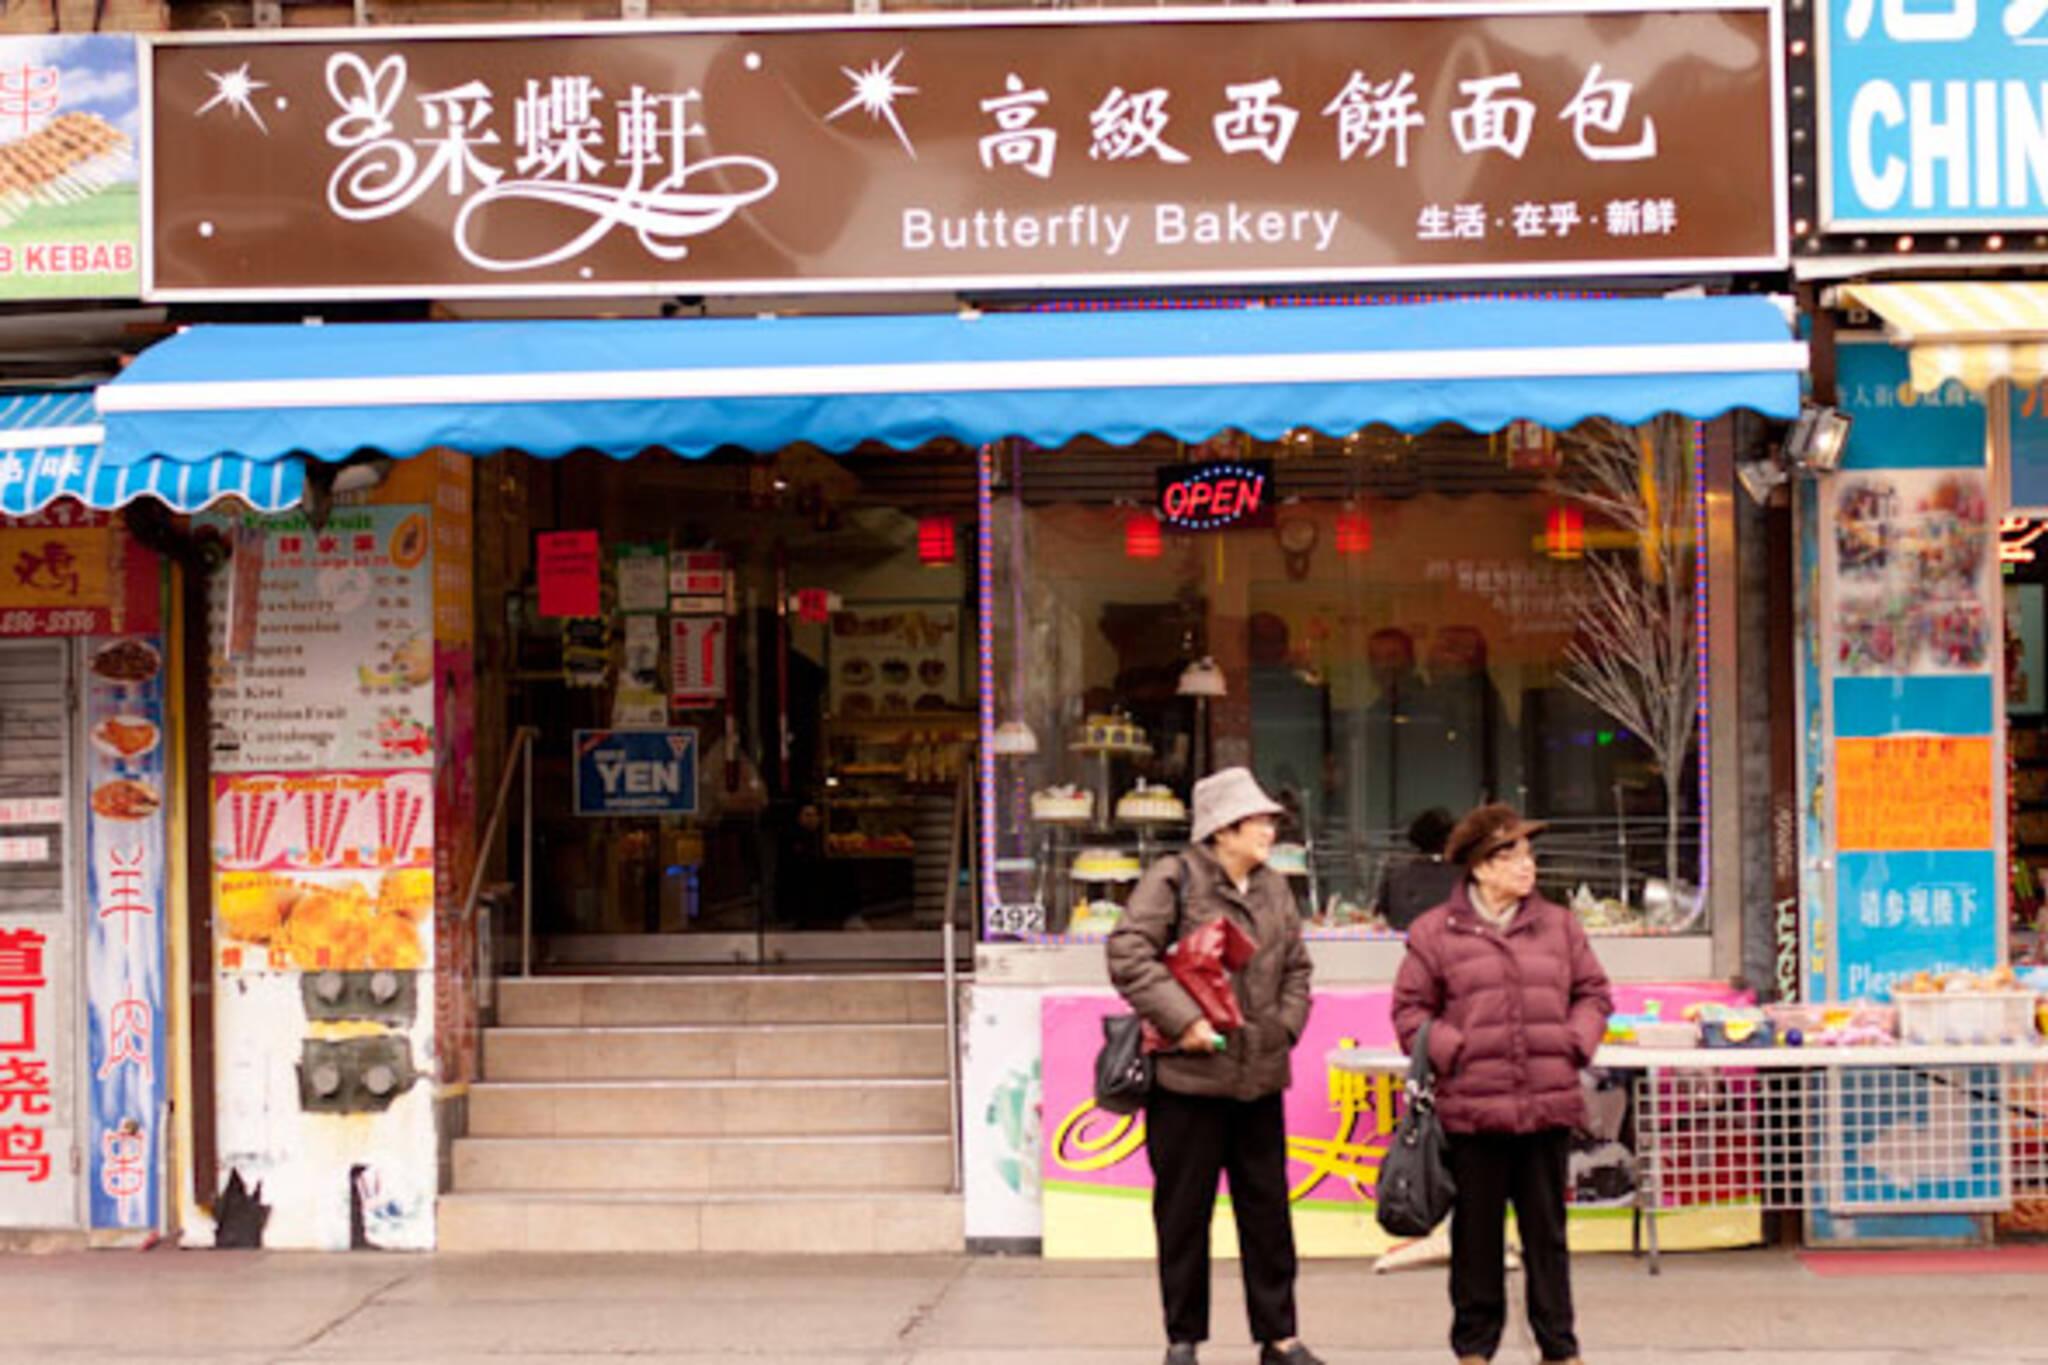 Butterfly Bakery